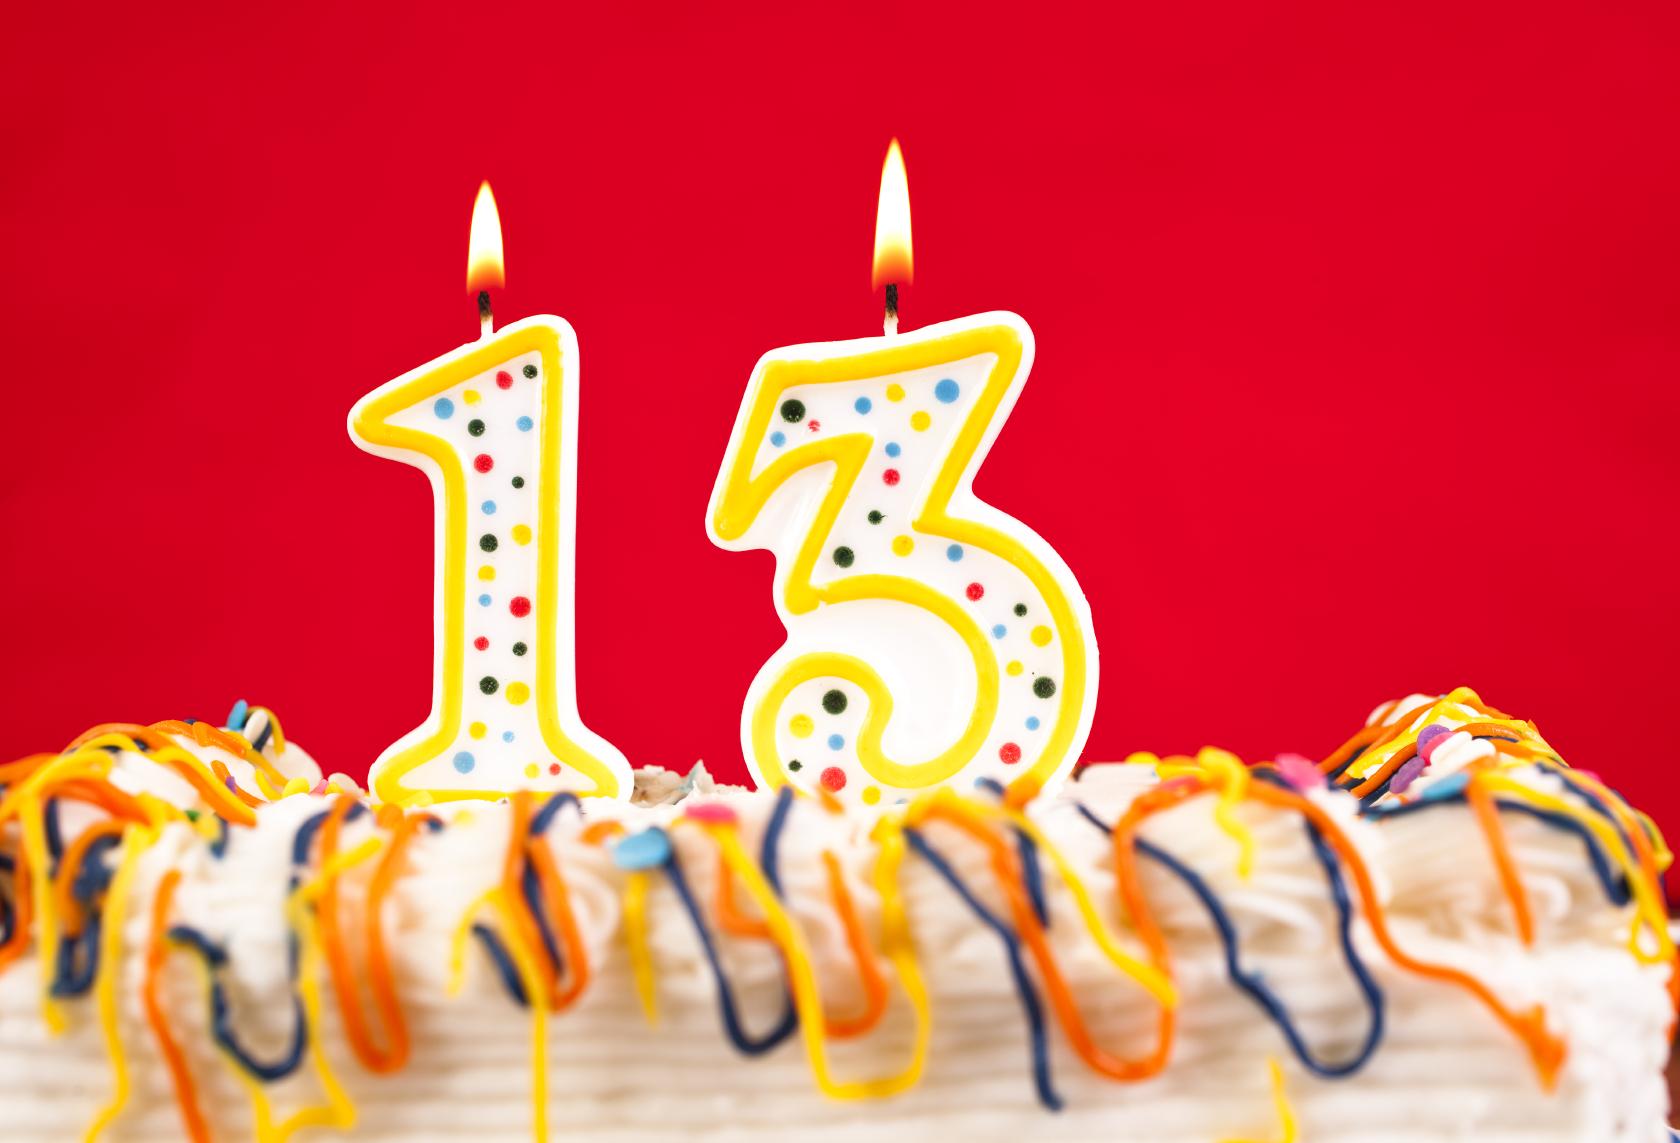 Поздравления с днем рождения 13 лет мальчику